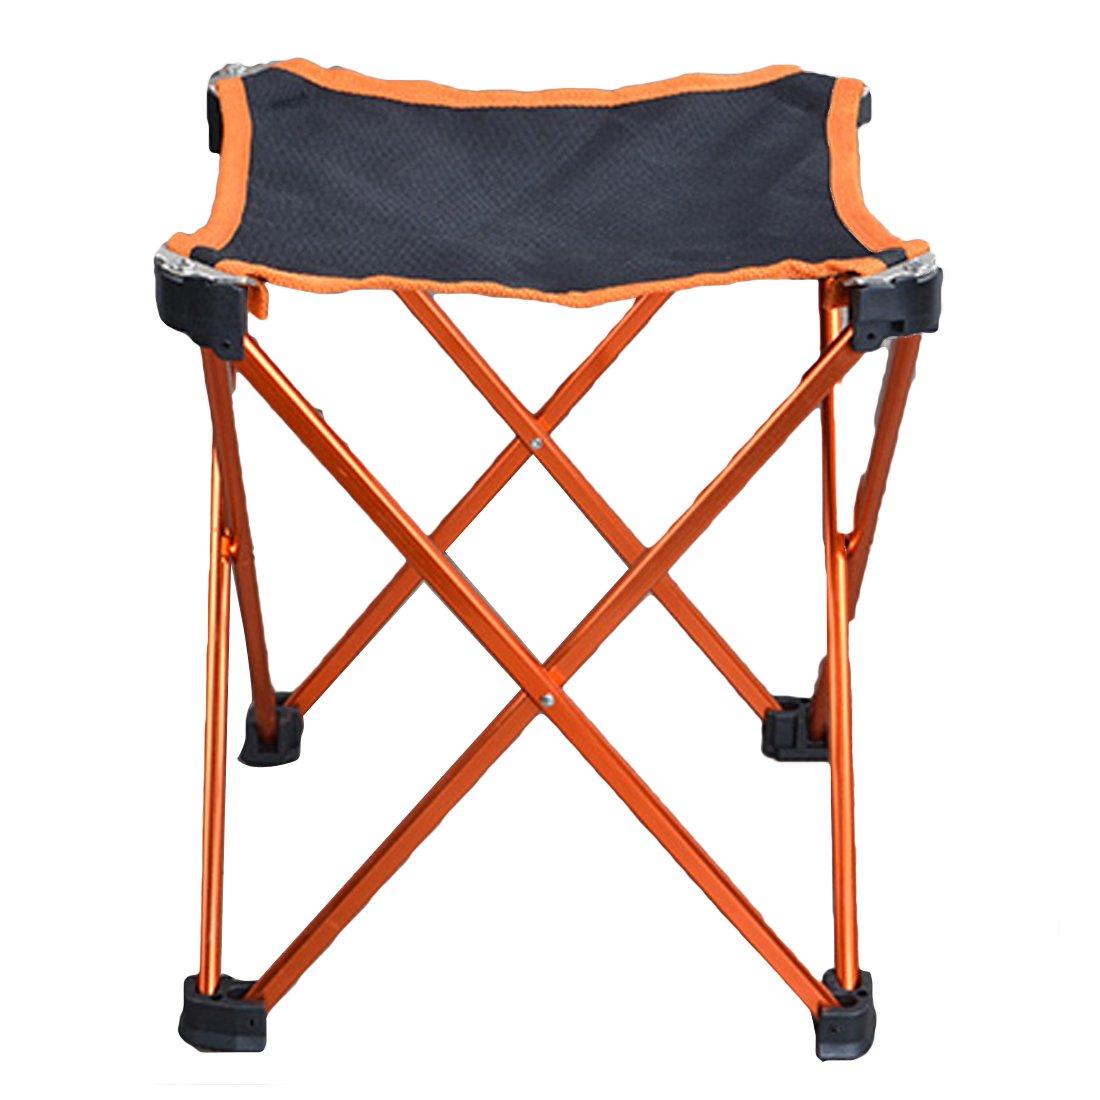 Hi Suyi超軽量ポータブル折りたたみキャンプ椅子スツールforビーチガーデンピクニックアウトドアキャンプ旅行、アルミニウム合金フレーム、anti-tearのオックスフォード布カバー滑り止め足、キャリアバッグ B073XKSZY9 オレンジ オレンジ